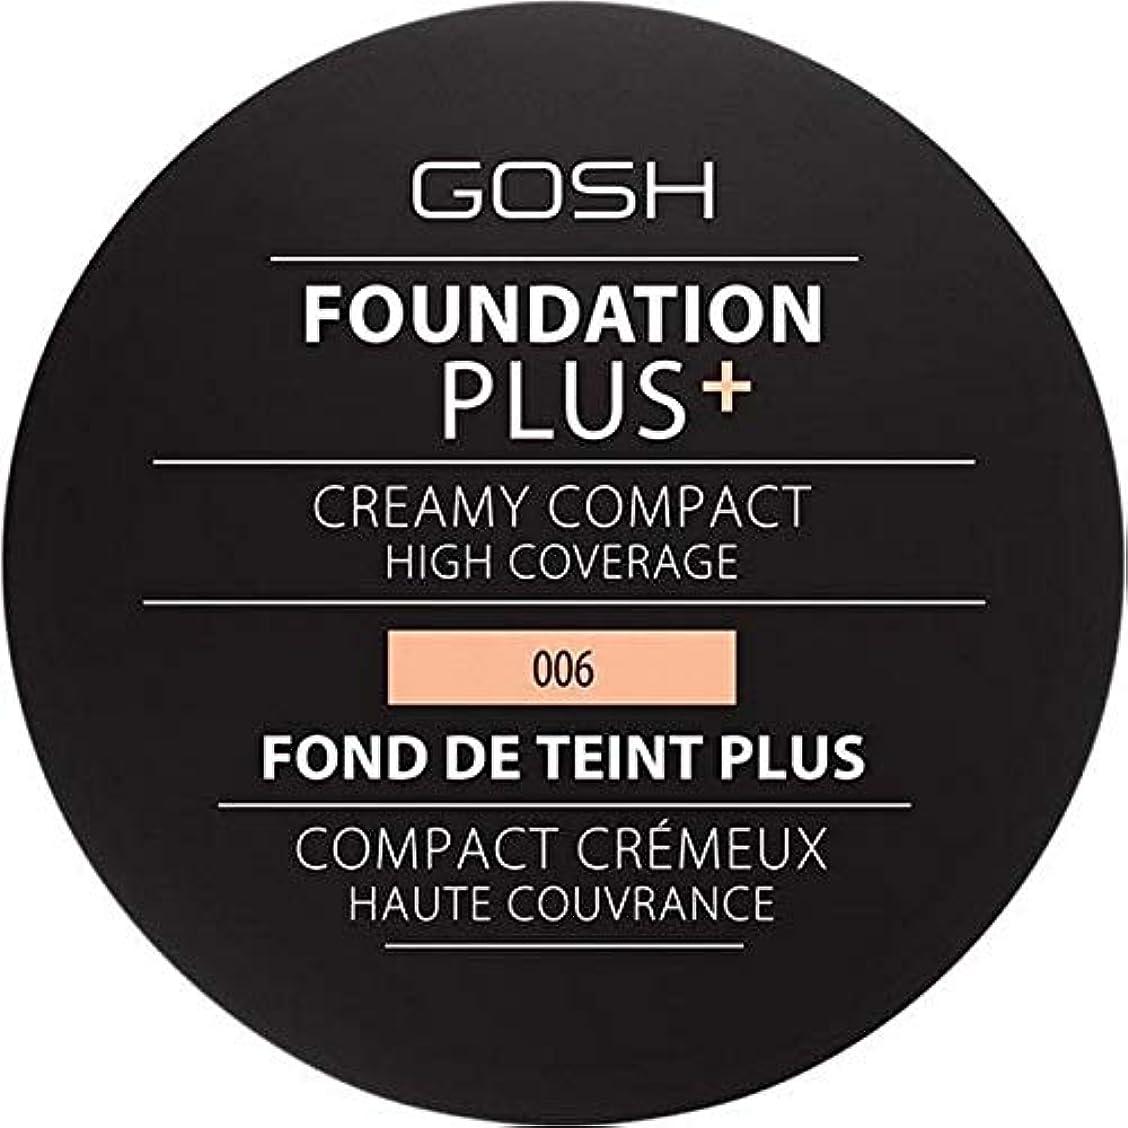 エッセンス着実にキノコ[GOSH ] 基礎プラス+クリーミーコンパクト蜂蜜006 - Foundation Plus+ Creamy Compact Honey 006 [並行輸入品]